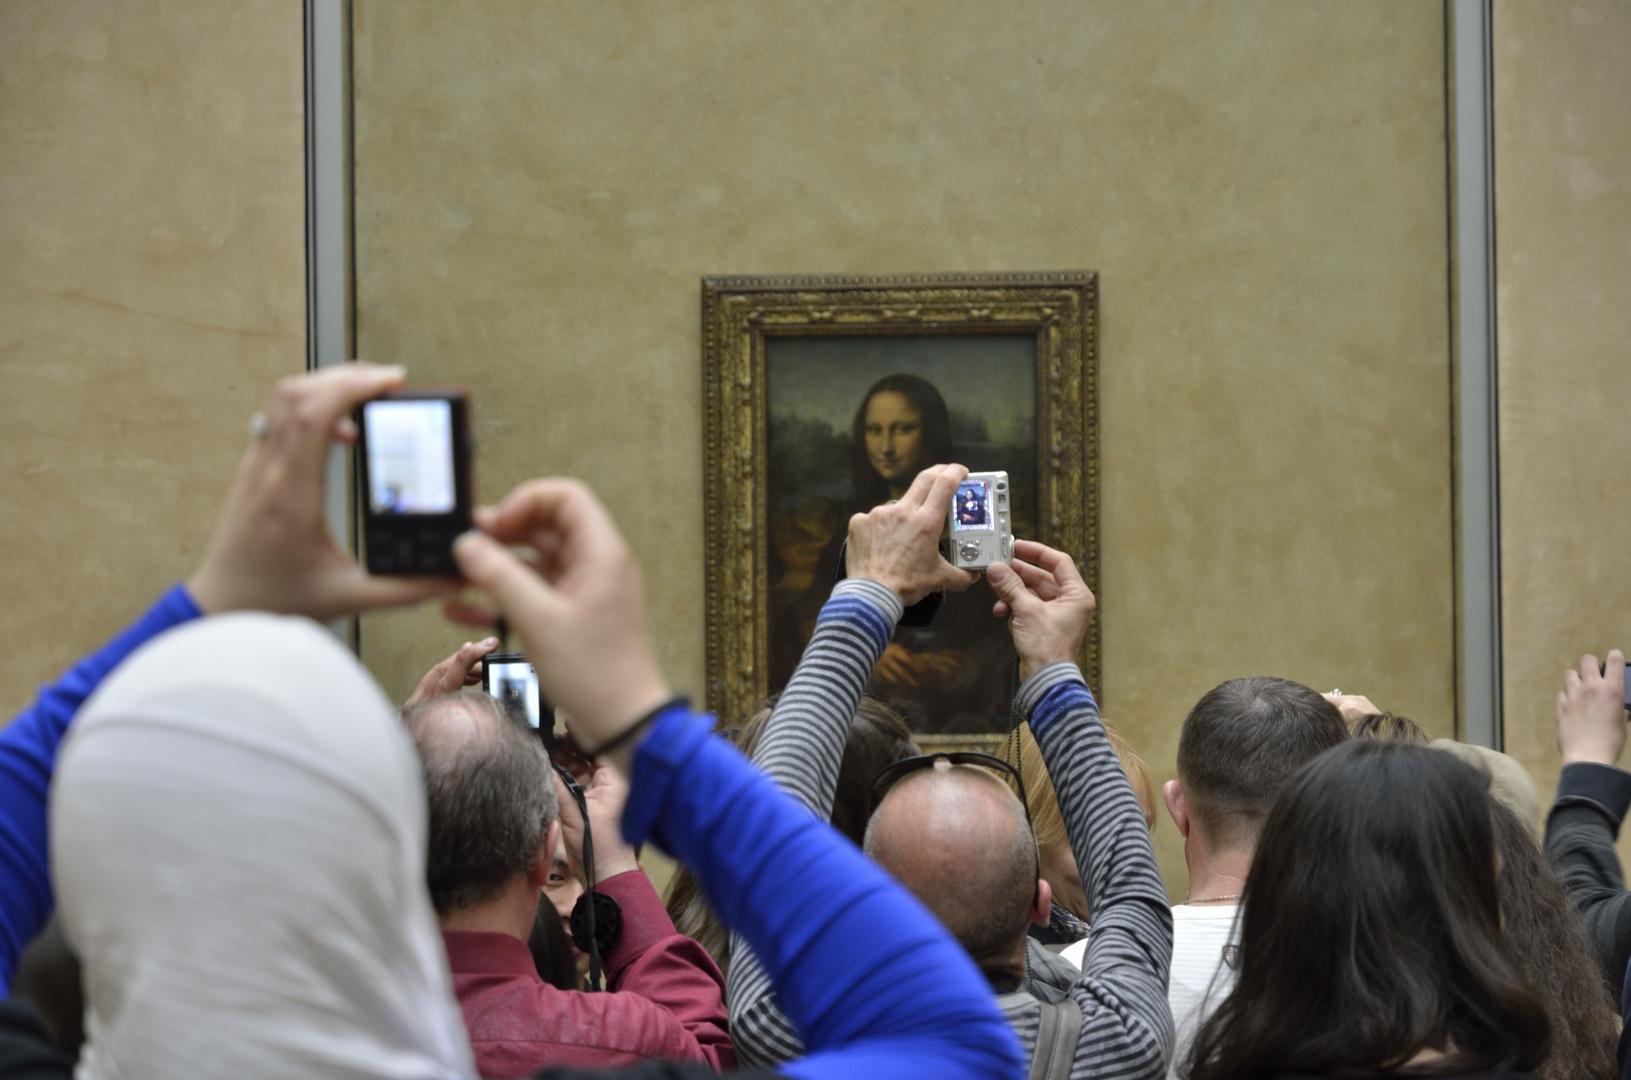 Deshalb lächelt Mona Lisa